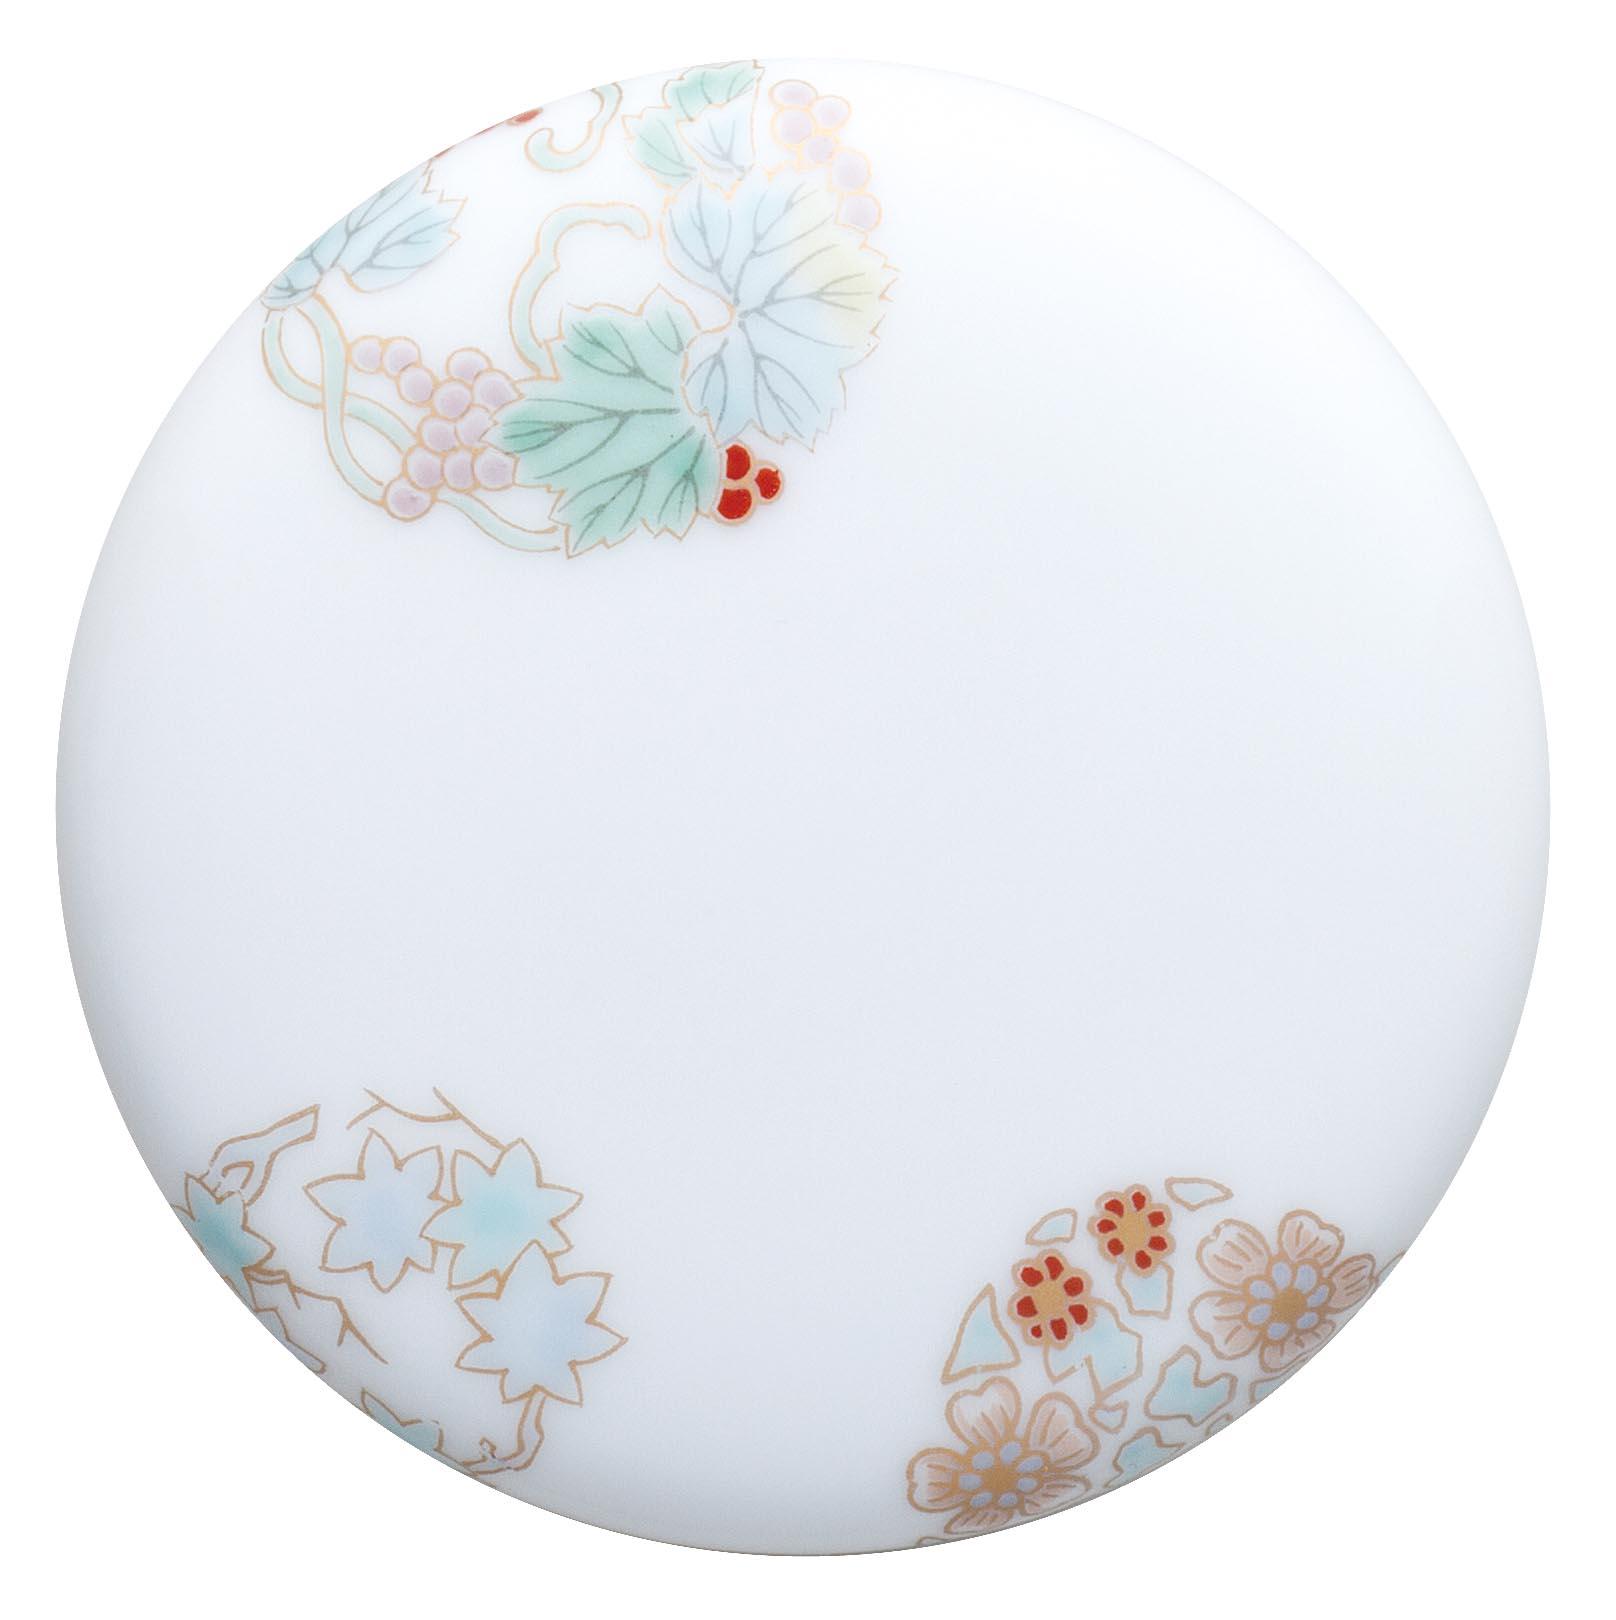 【骨壷】深川製磁 想い合子 姫丸紋(ひめまるもん) わかくさ ミニ骨壷・納骨袋付